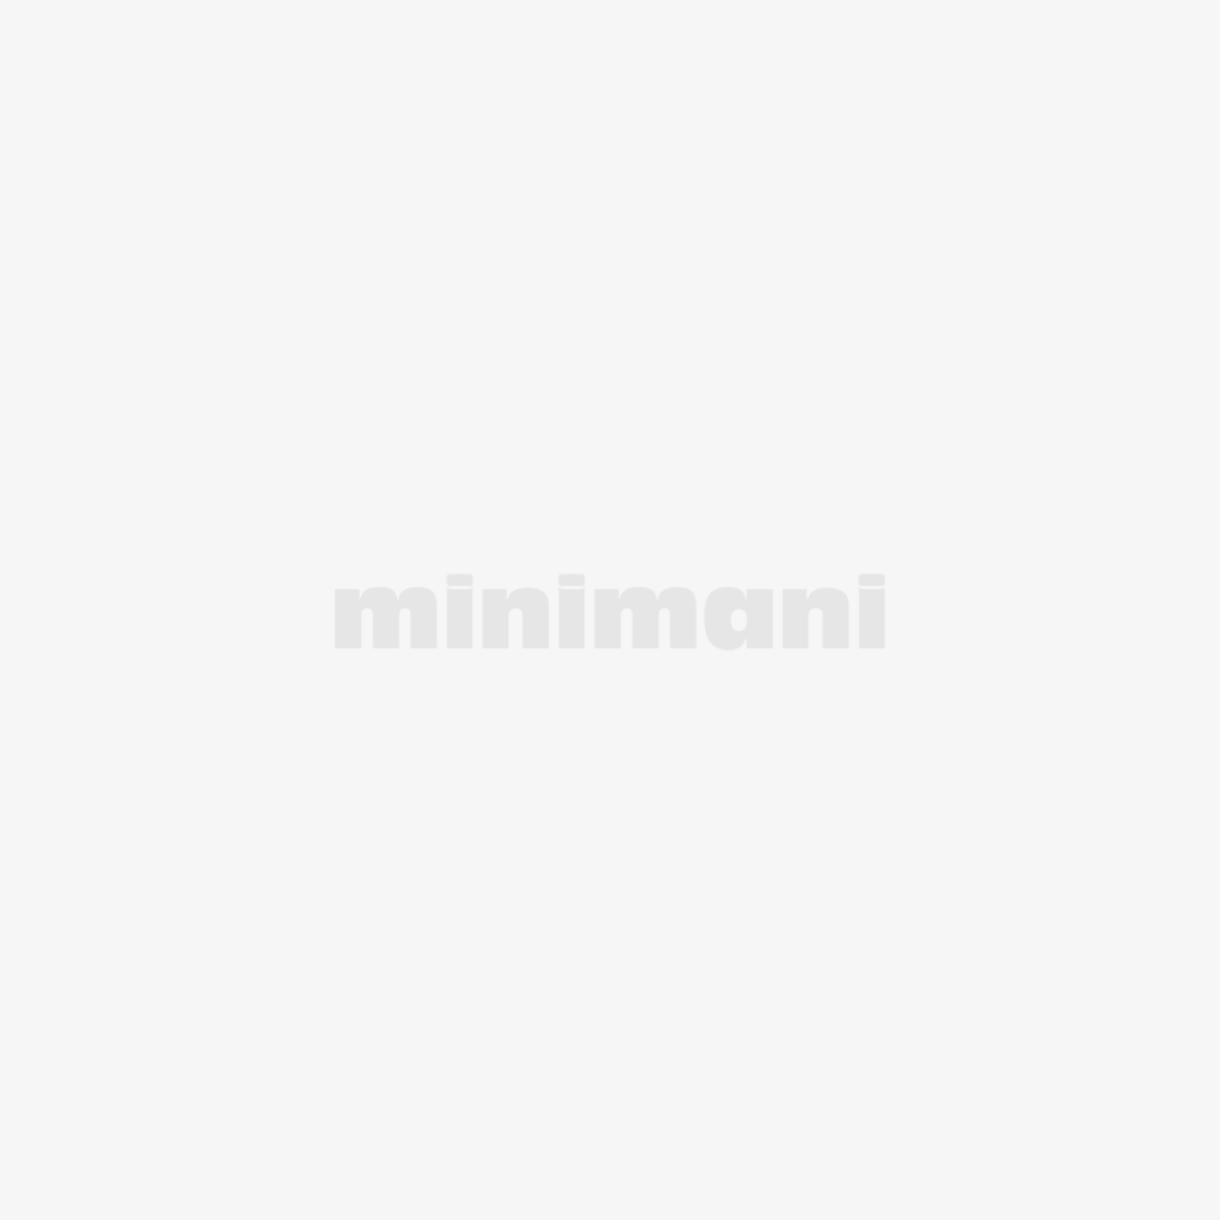 PERMANENT AMPIAIS/TUHOLAISVAAHTO 300 ML